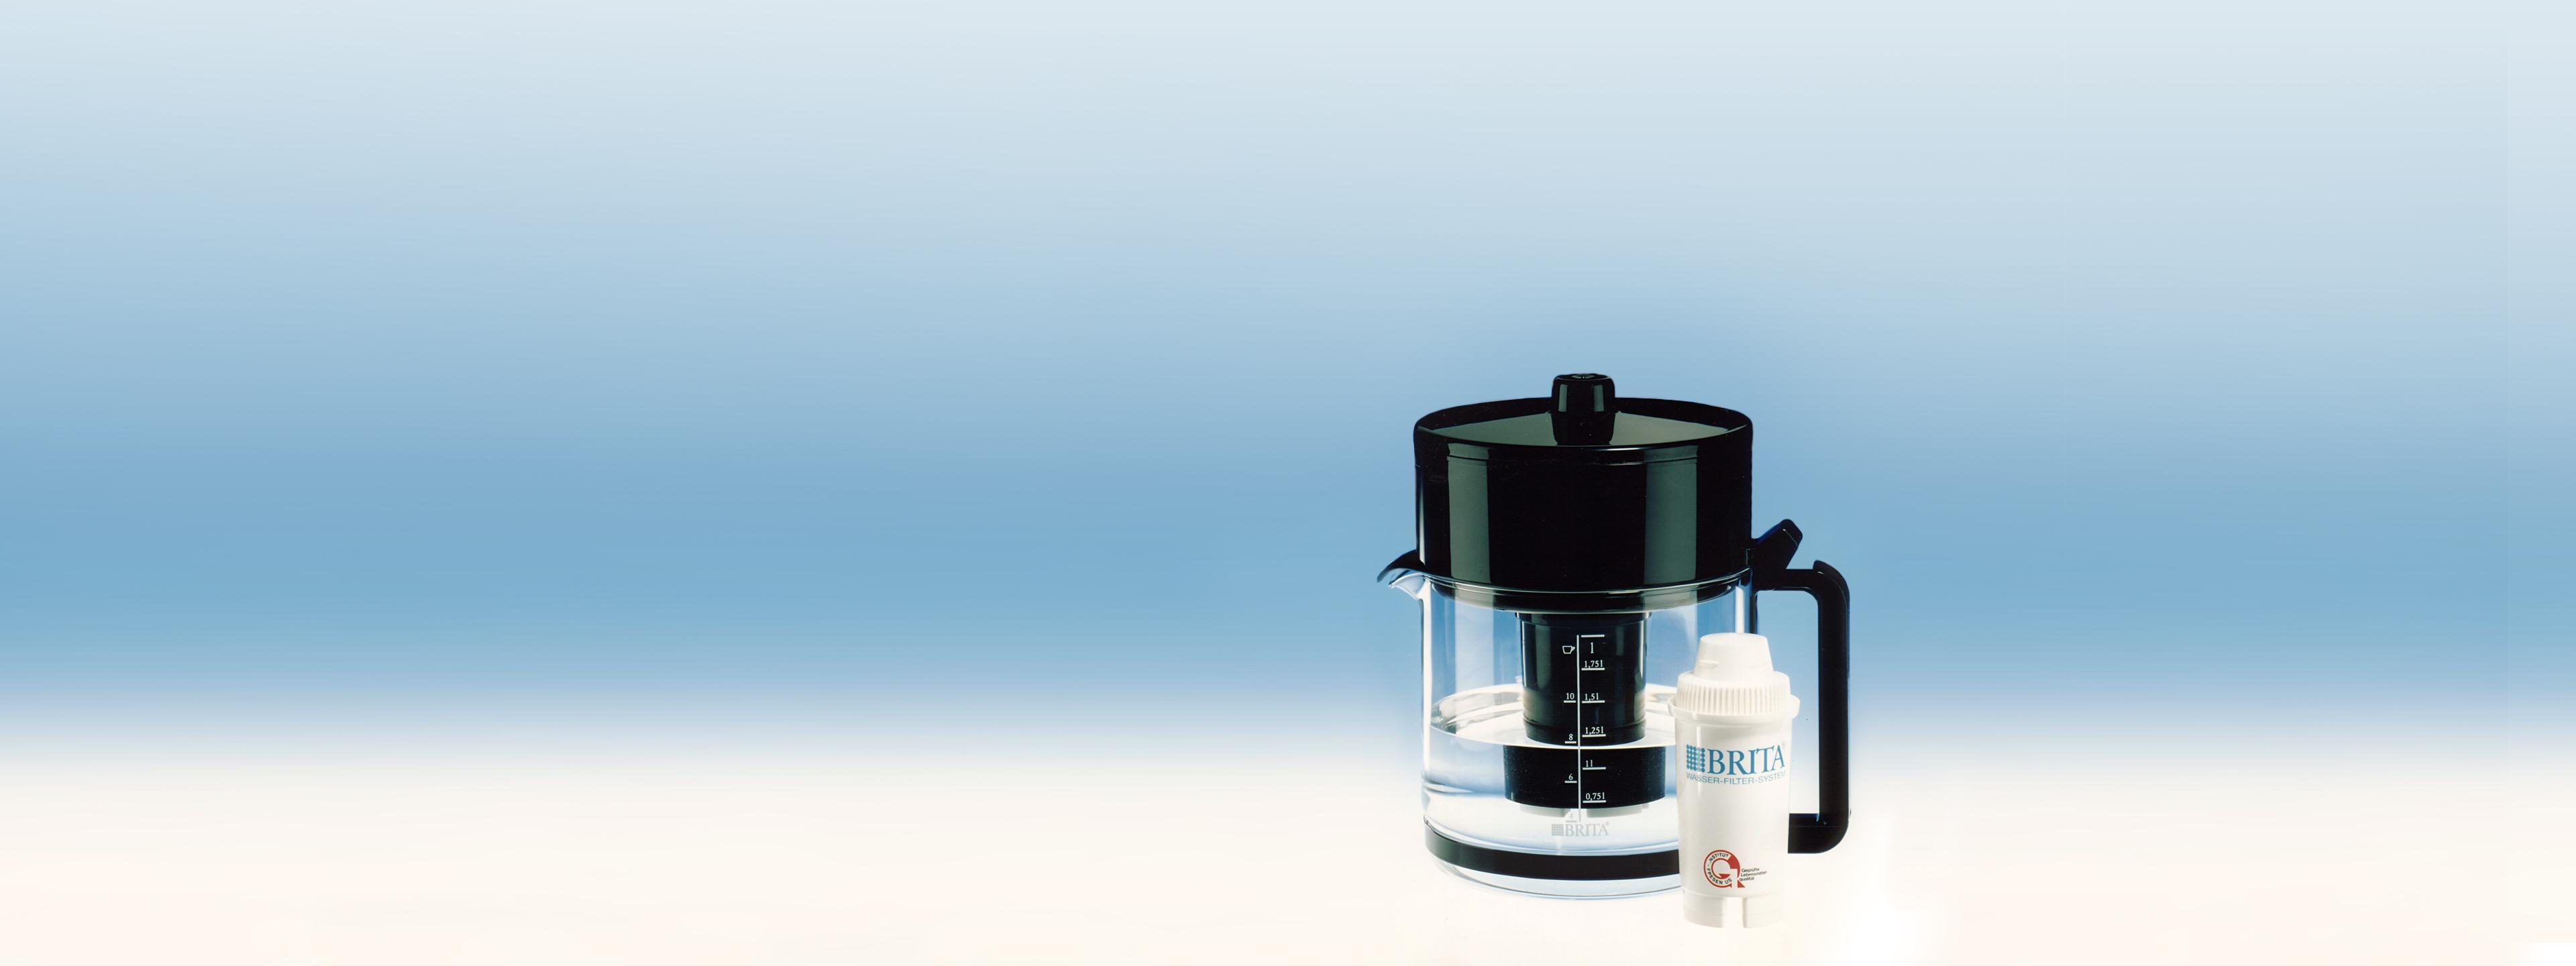 BRITA Geschichte Aqualux Wasserfilter